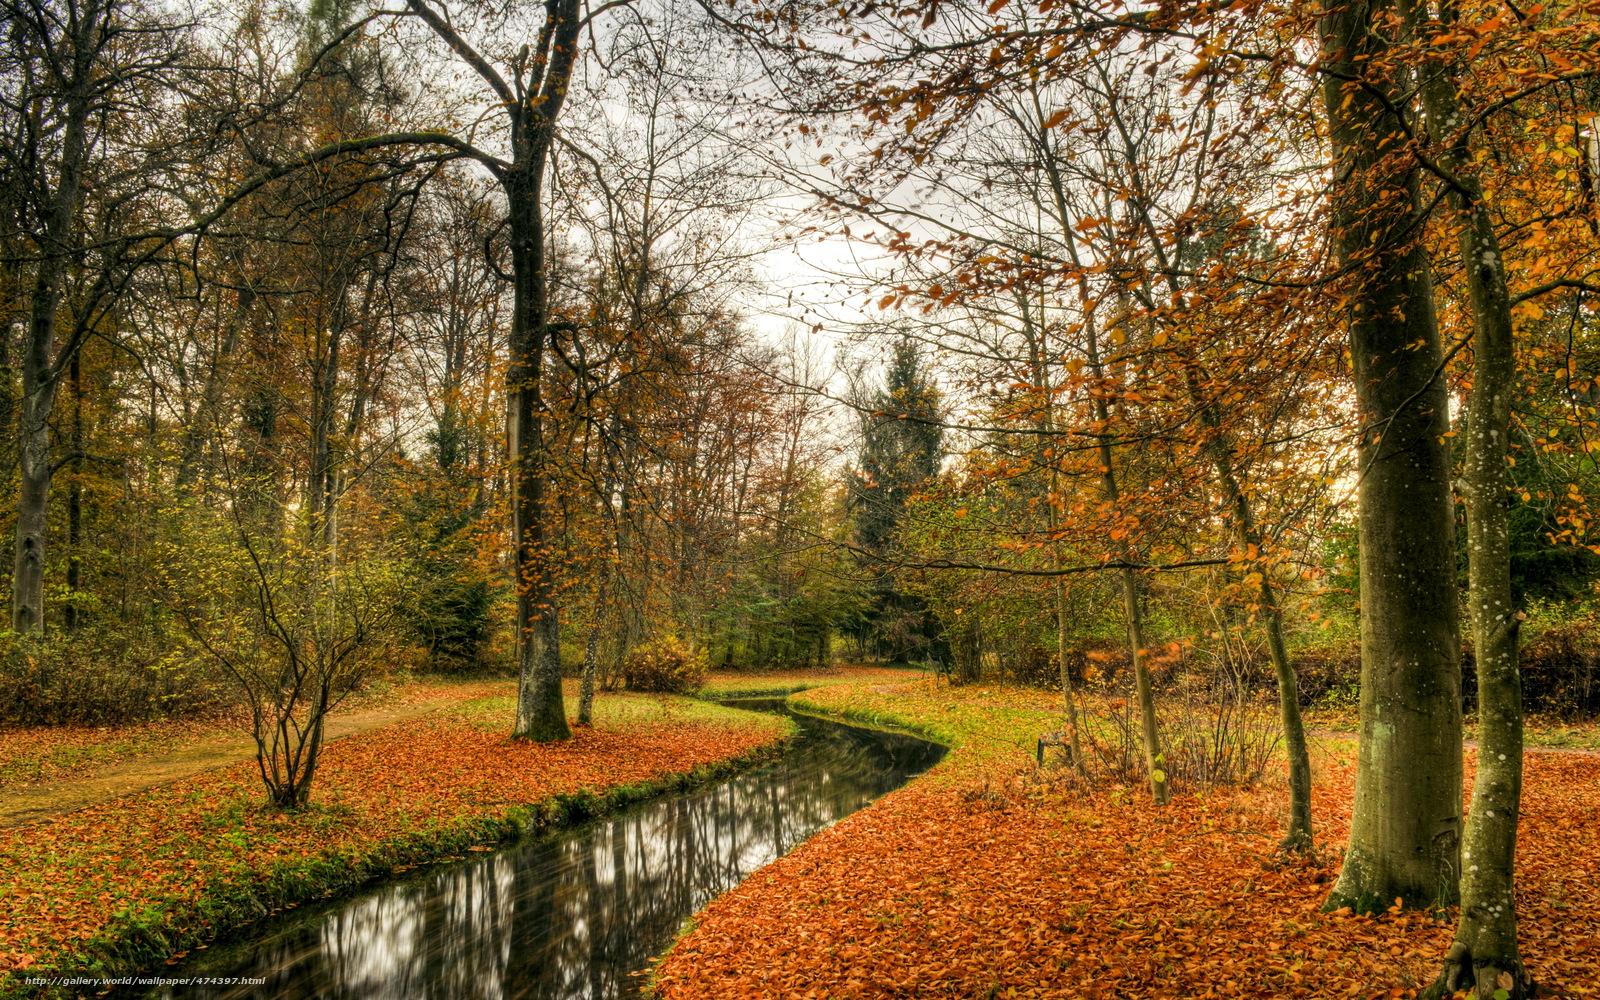 Tlcharger Fond D Ecran Parc Automne Nature Paysage Fonds